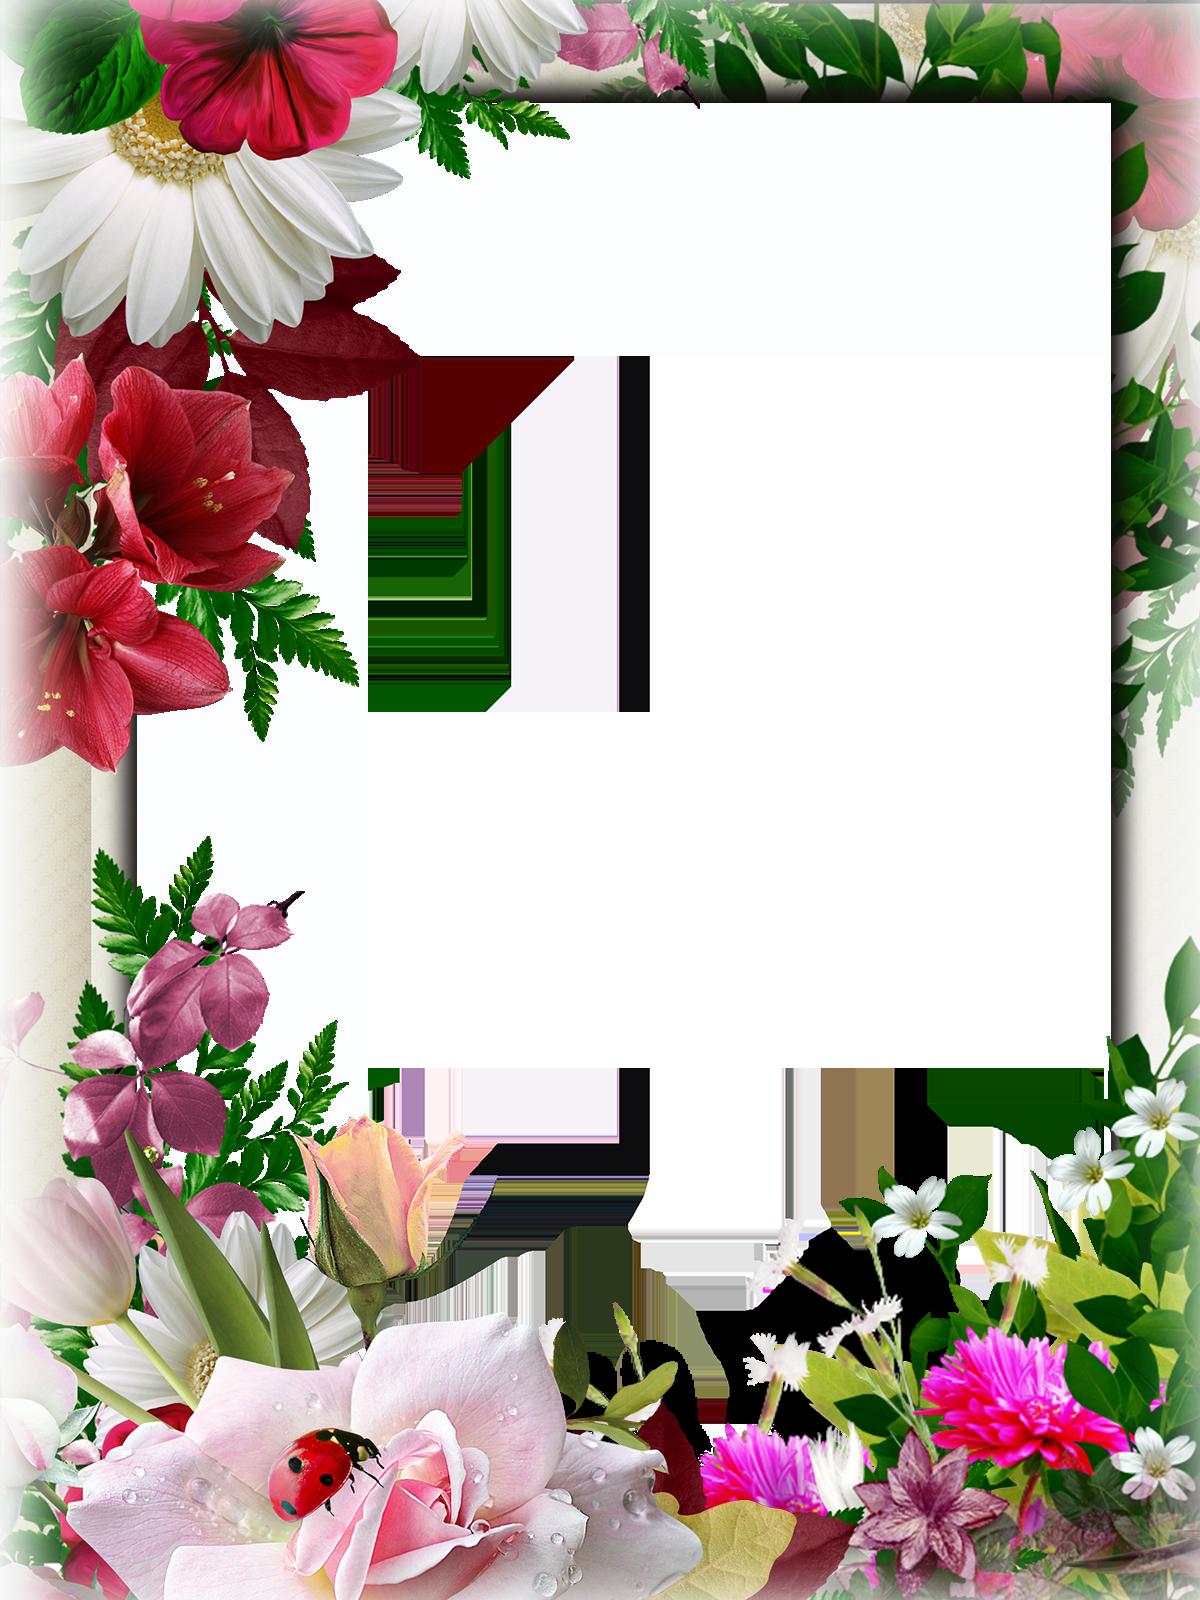 Рамка для текста открытки с днем рождения, 3д. открытки картинки